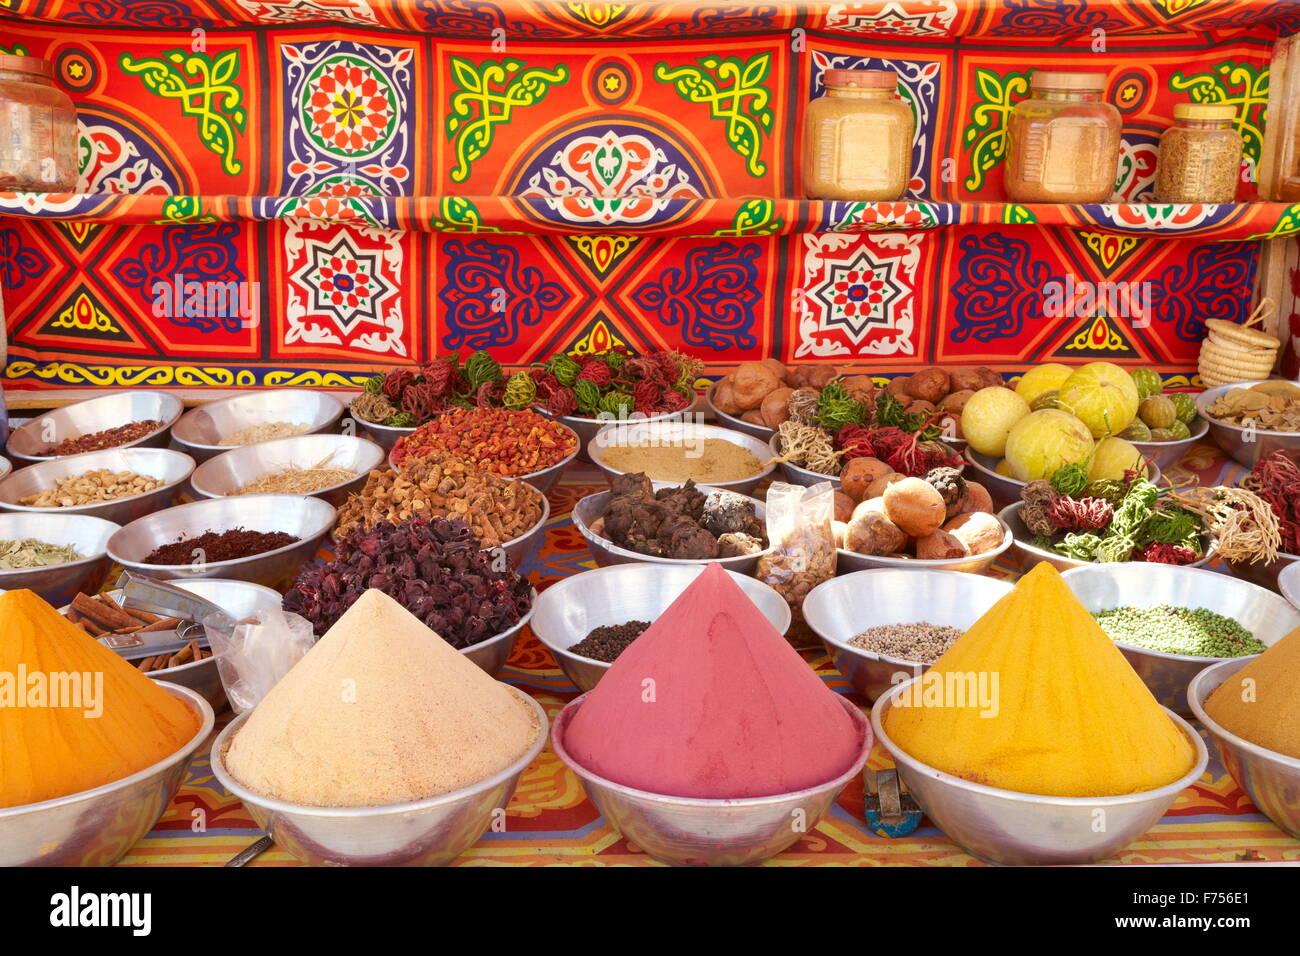 Gewürze Shop, nubischen Dorf in der Nähe von Assuan, Ägypten Stockbild